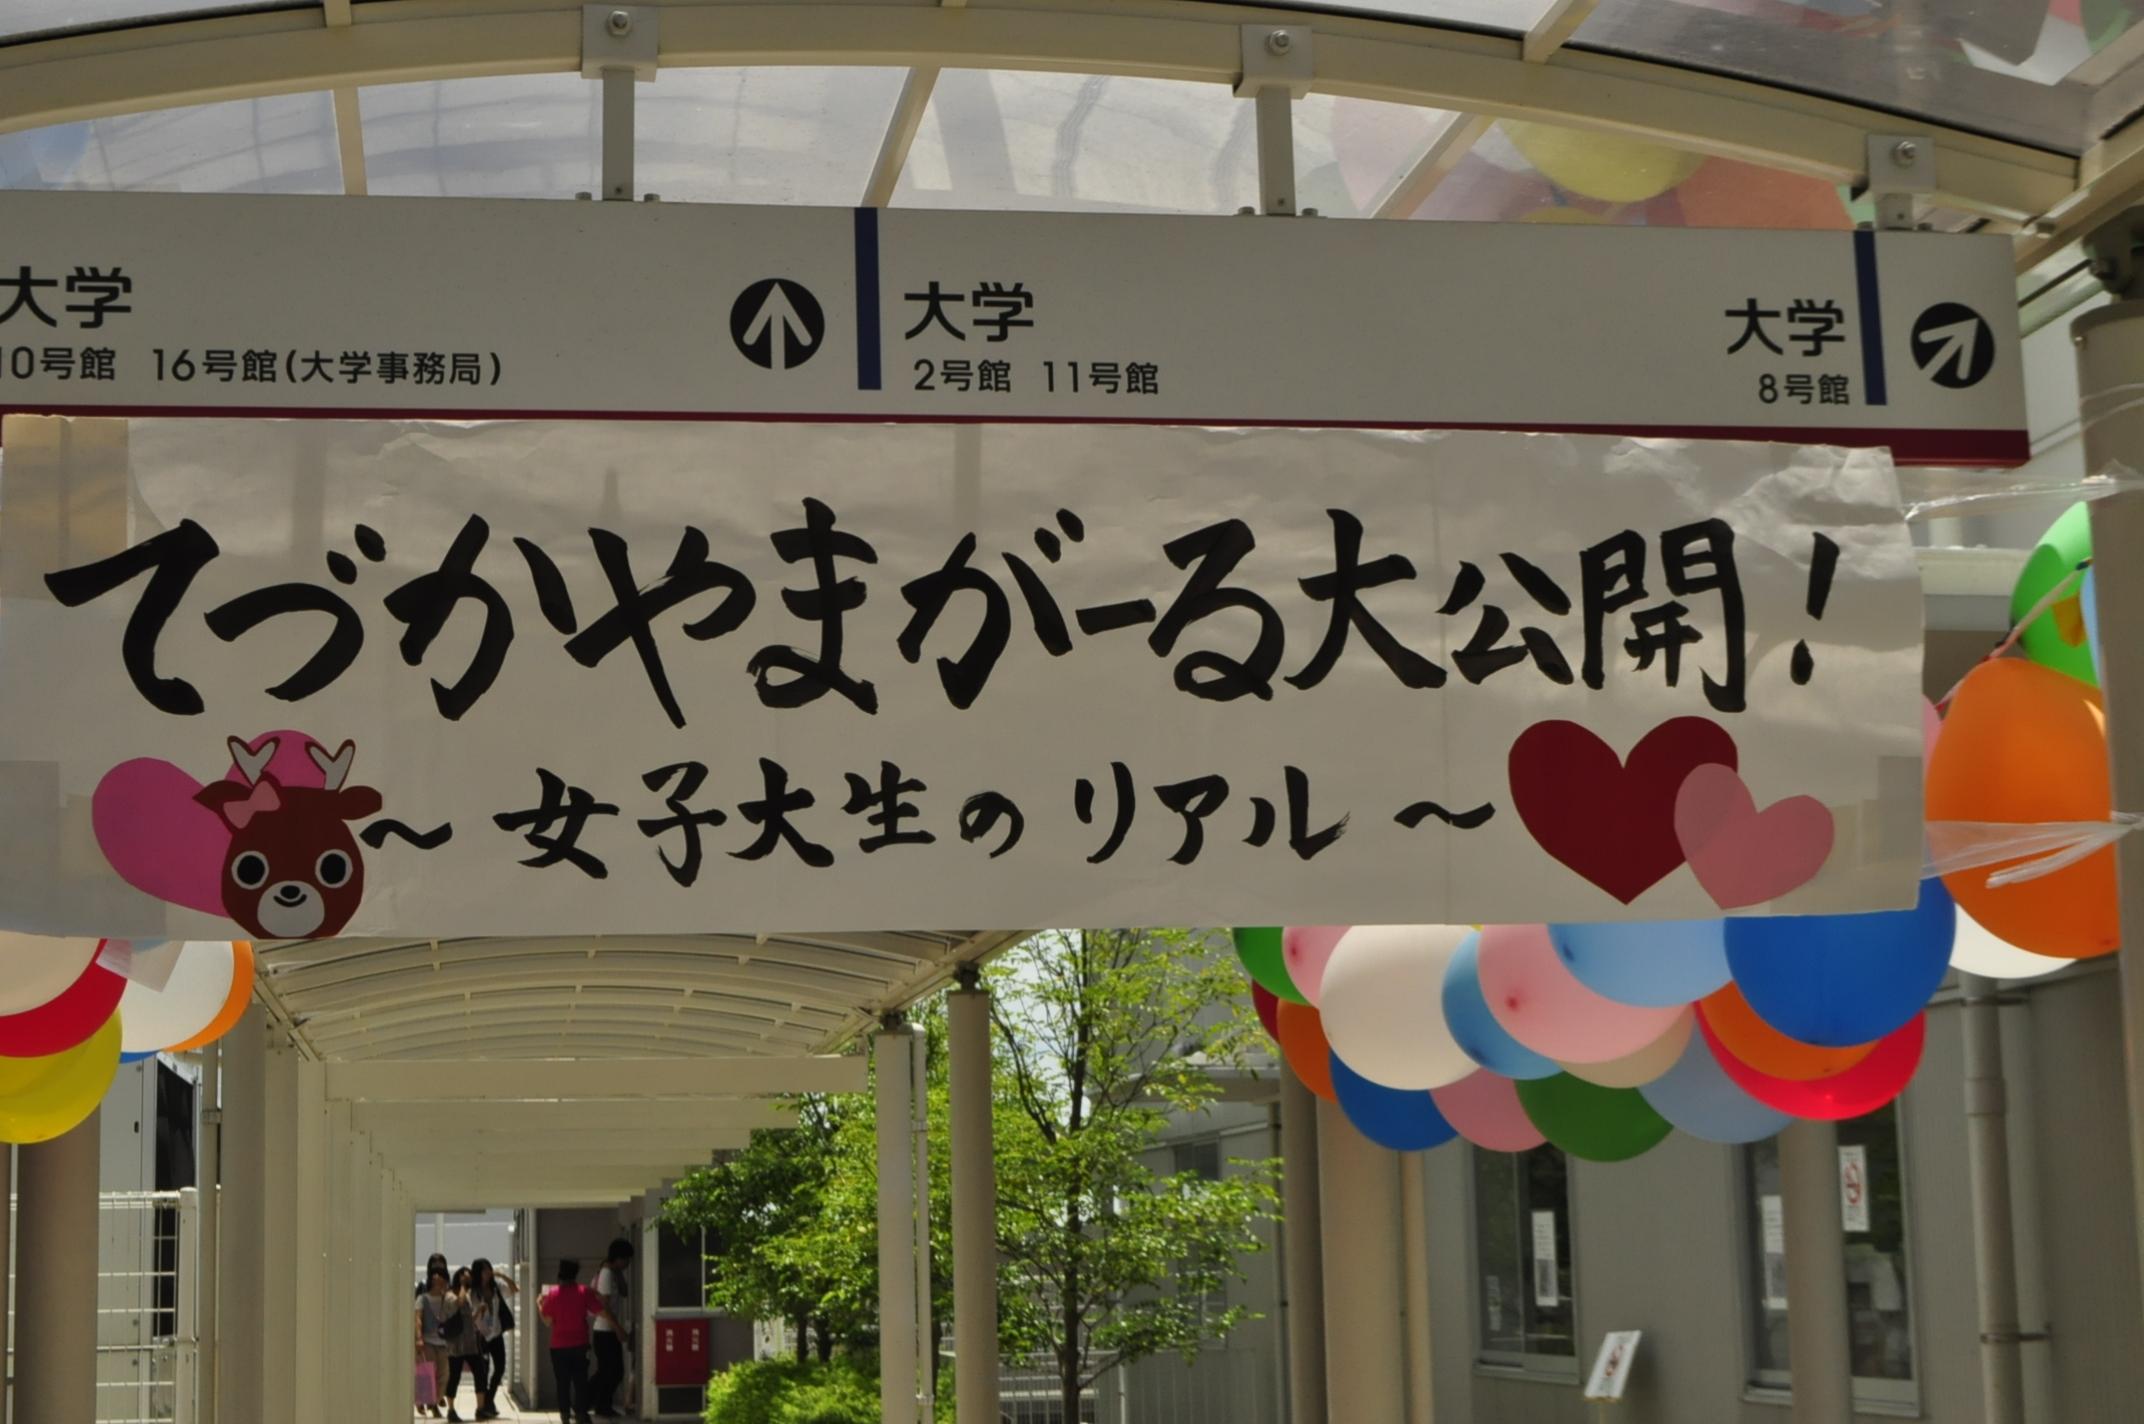 ようこそ♪女子会@帝塚山のはじまりです♪